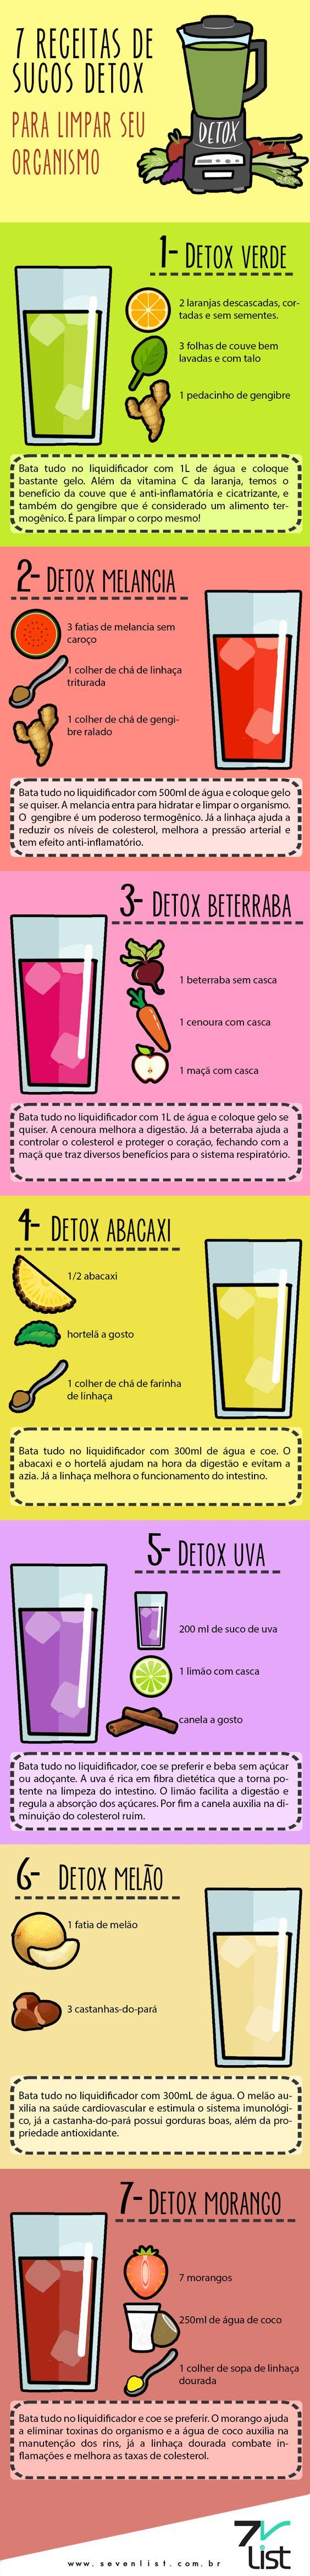 #infográfico #infographic #design #sucos #detox #sucosdetox #juice# #dieta #fitness #organismo #receitas #recipe #verde #melancia #beterra #abacaxi #uva #melão #morango #bebida #bemestar #viverbem #saúde www.sevenlist.com.br: